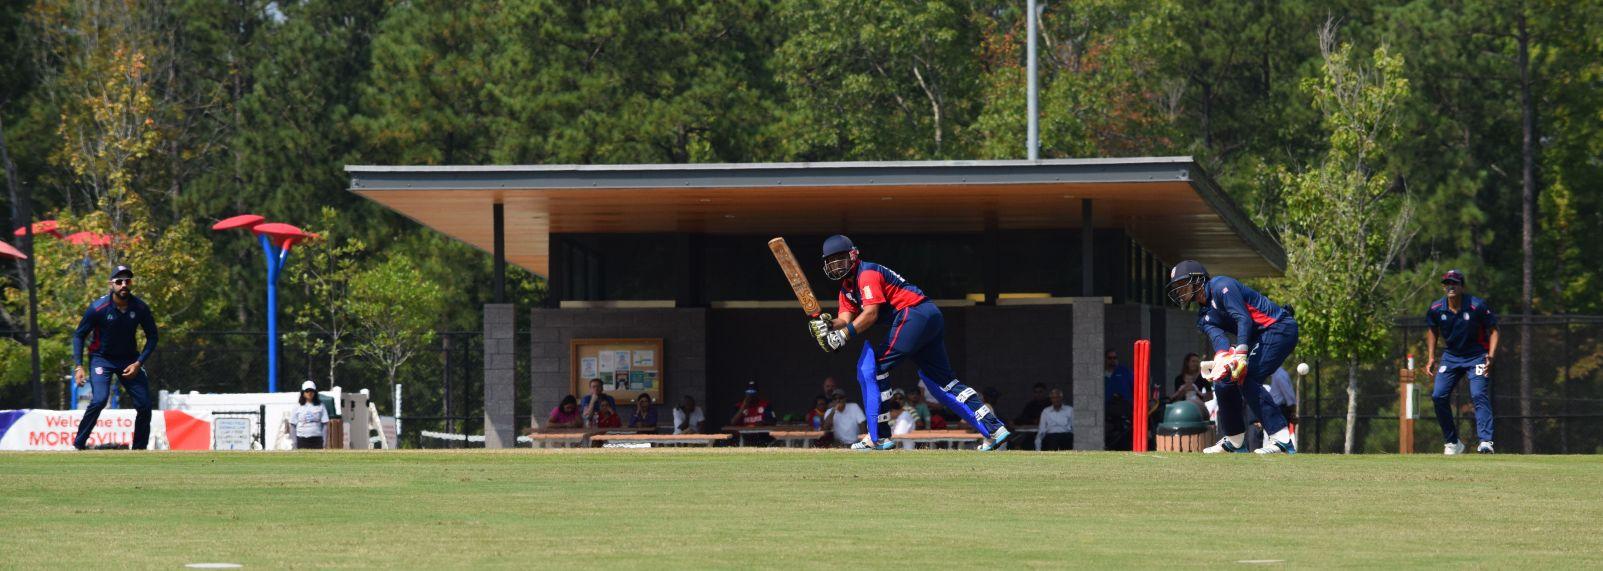 ICC Americas Sub Regional T20 World Cup Qualifier